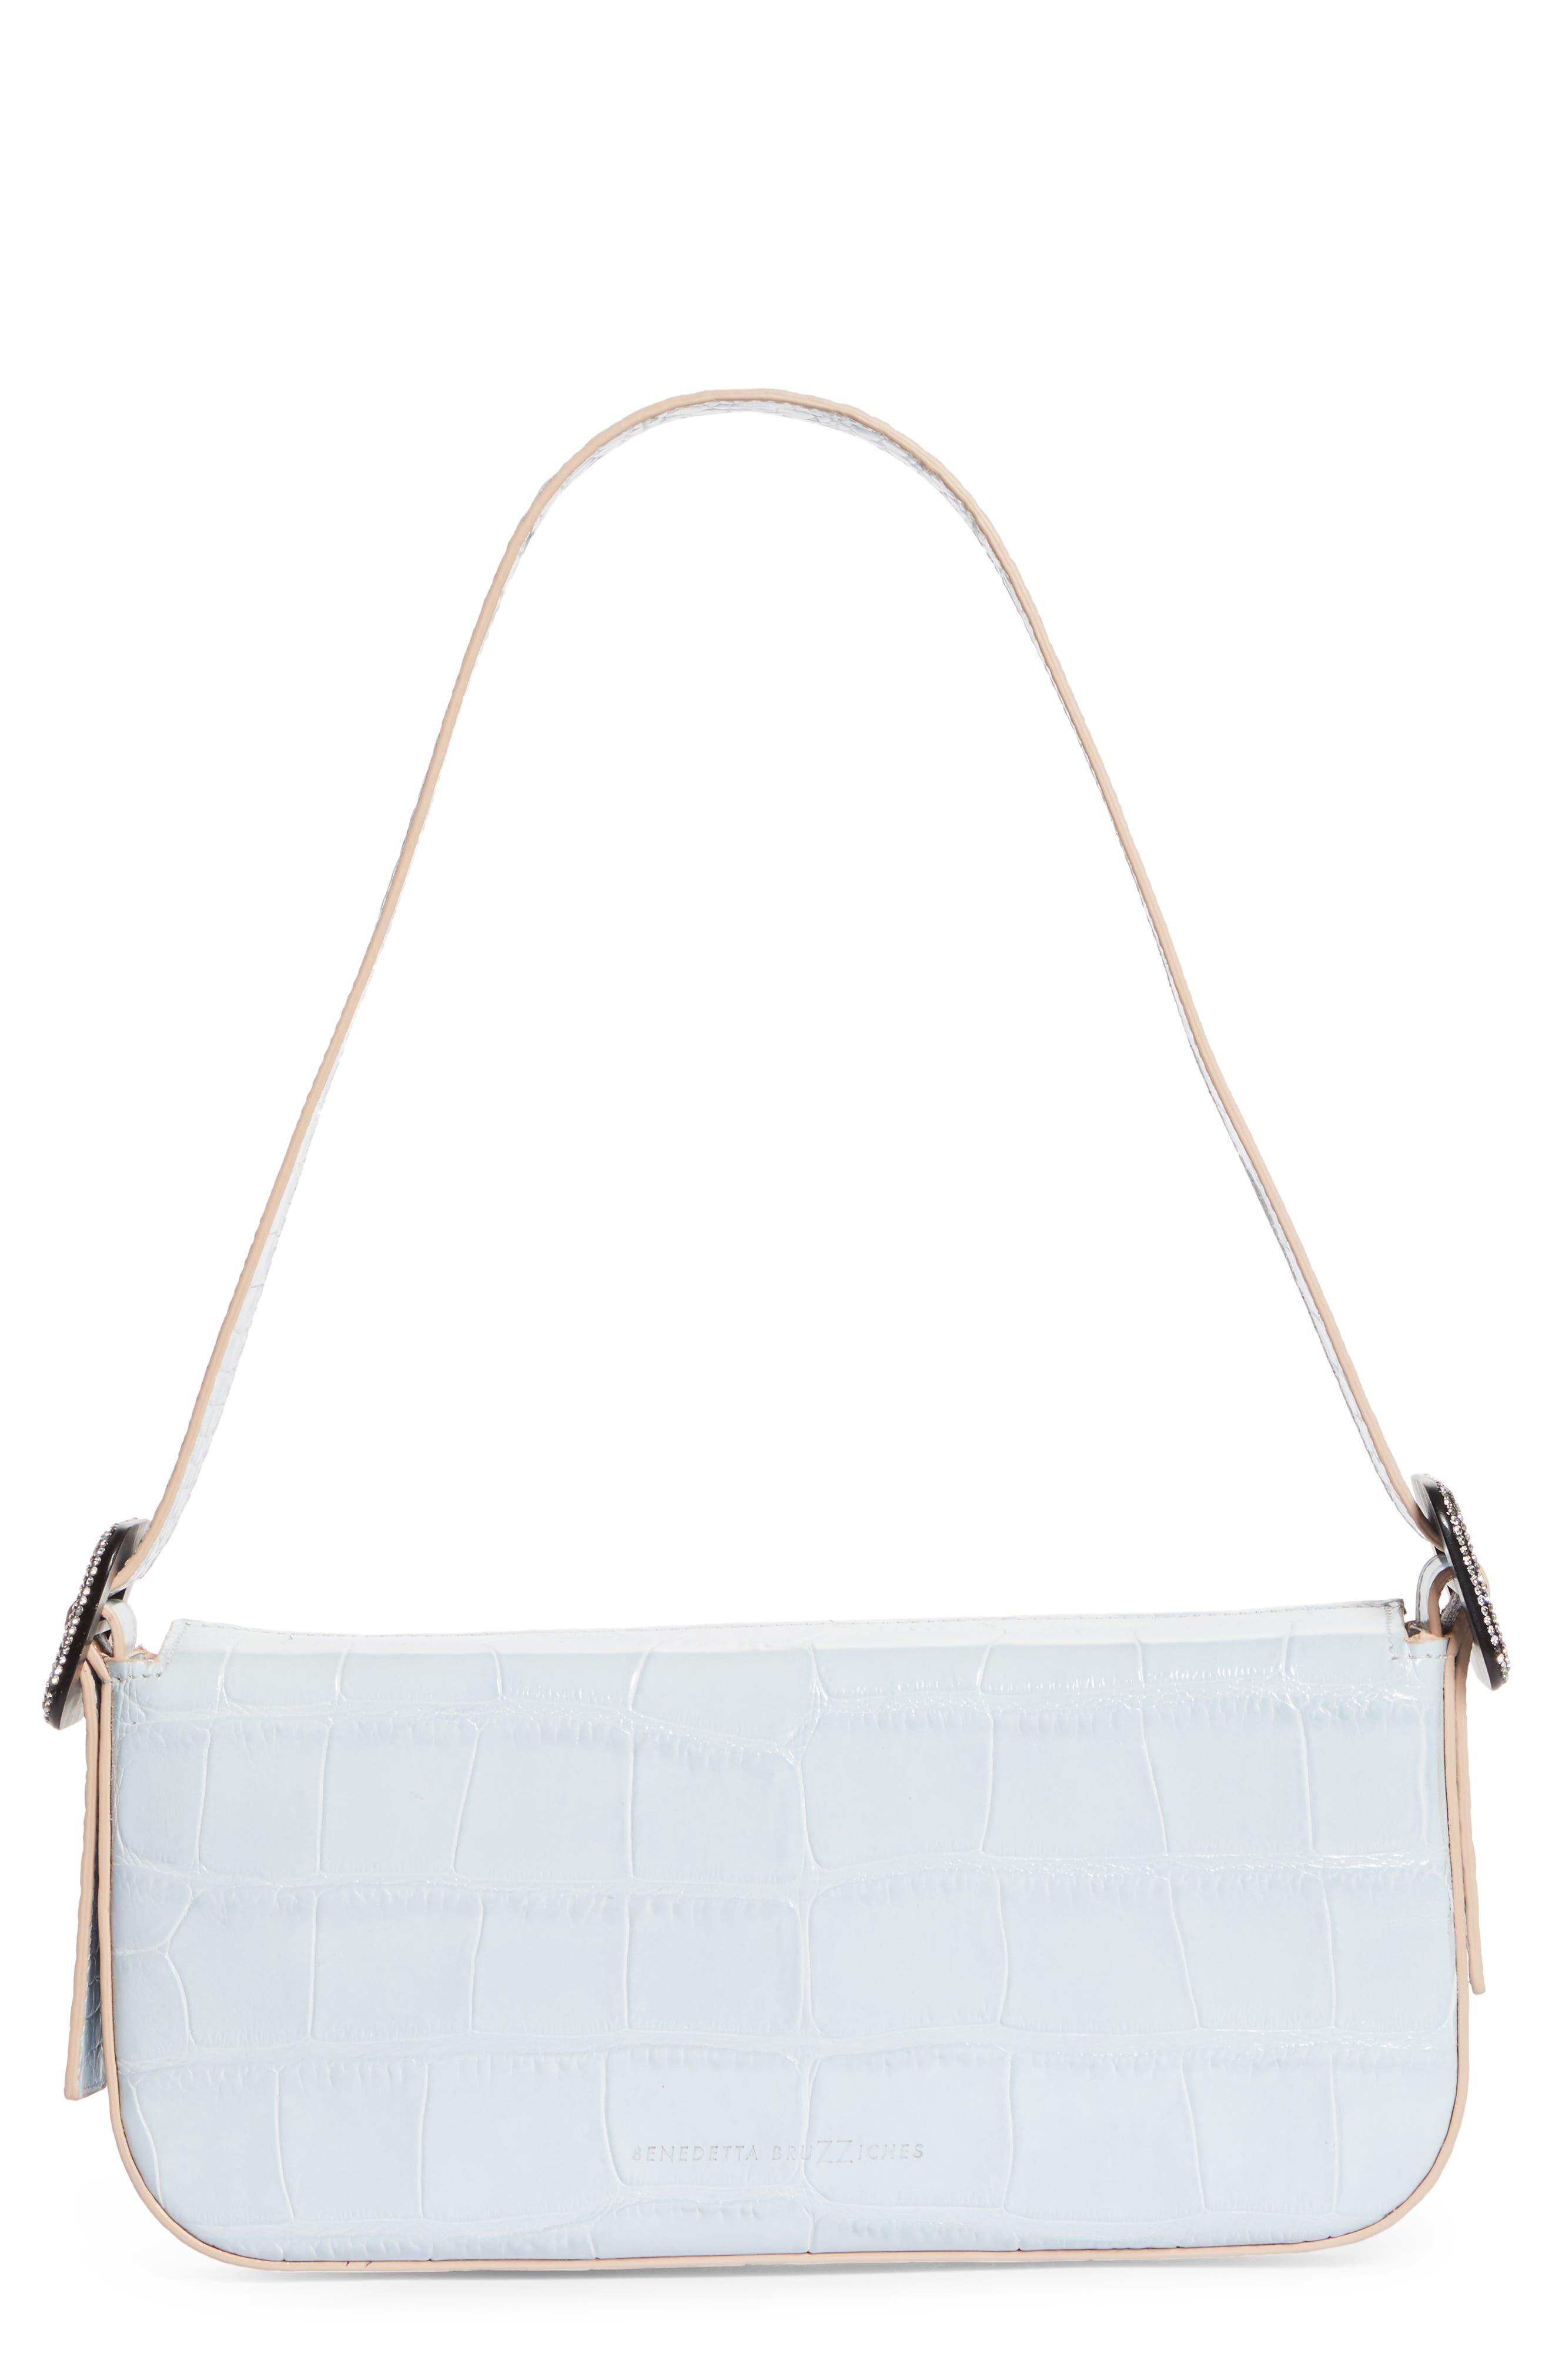 Fujiko Croc Embossed Leather Shoulder Bag